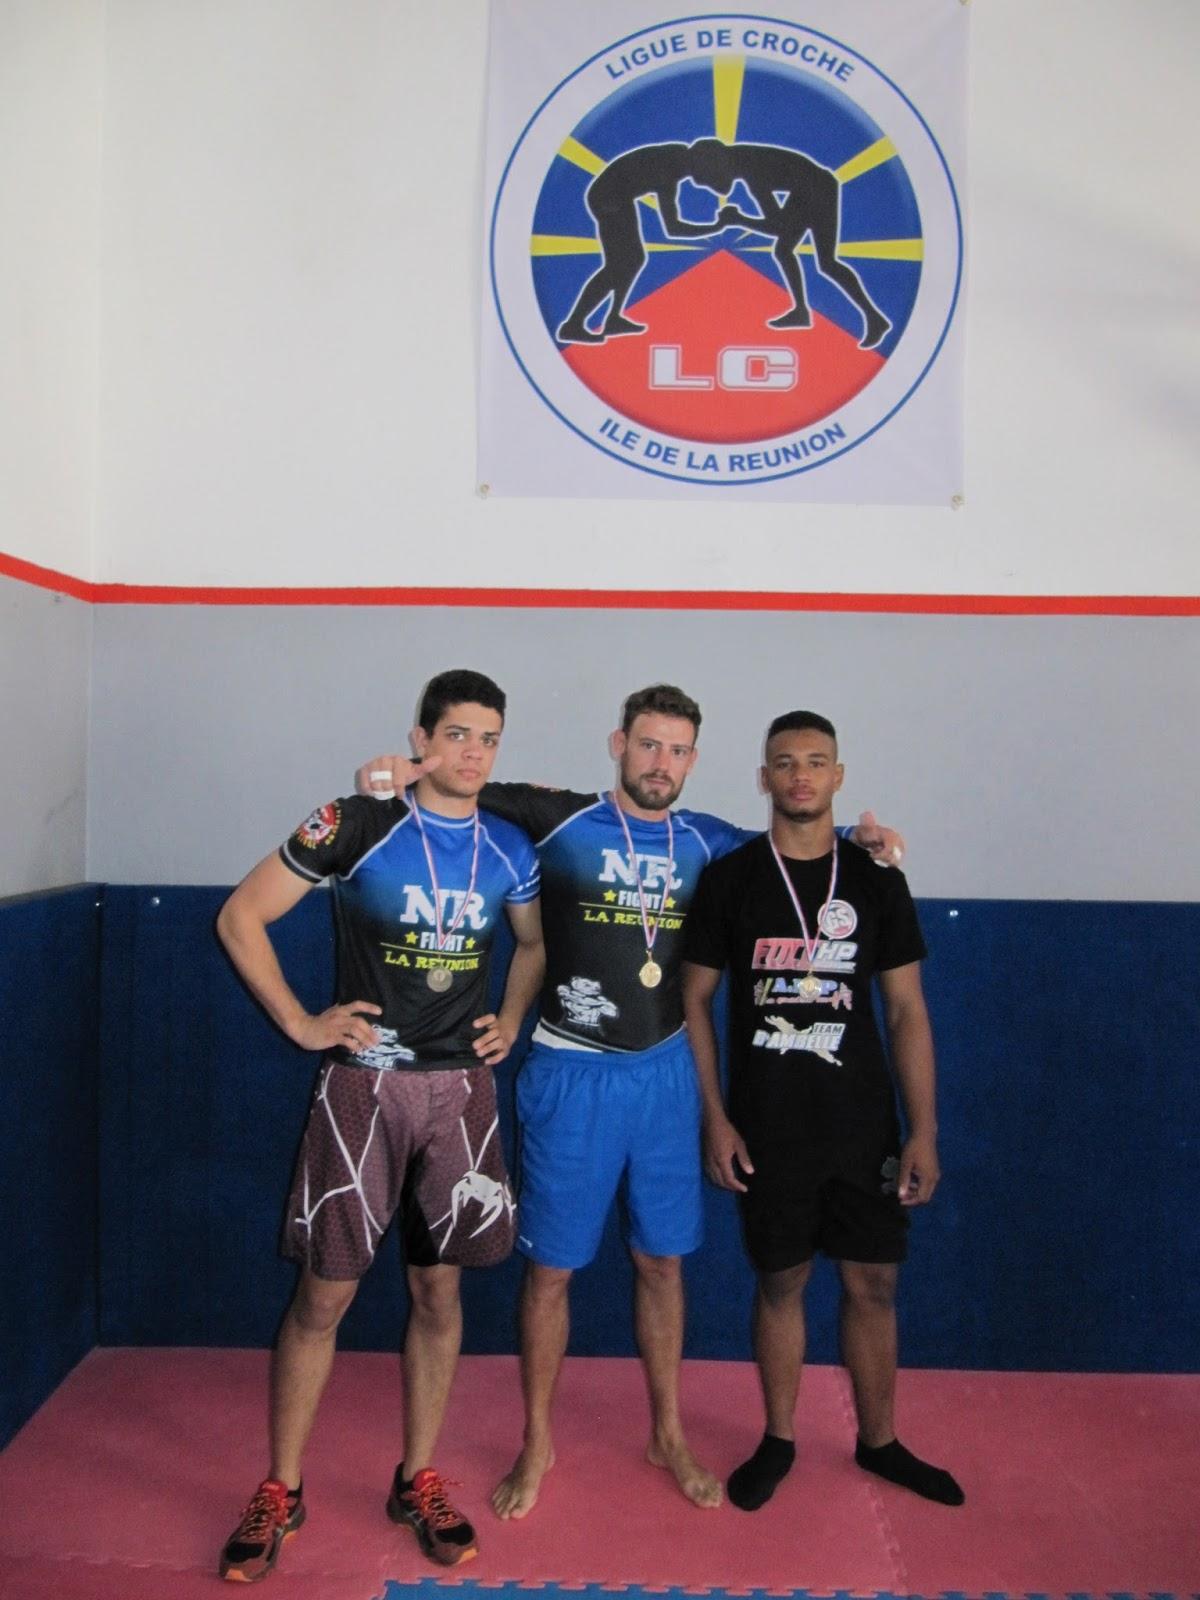 Sport de combat 97460